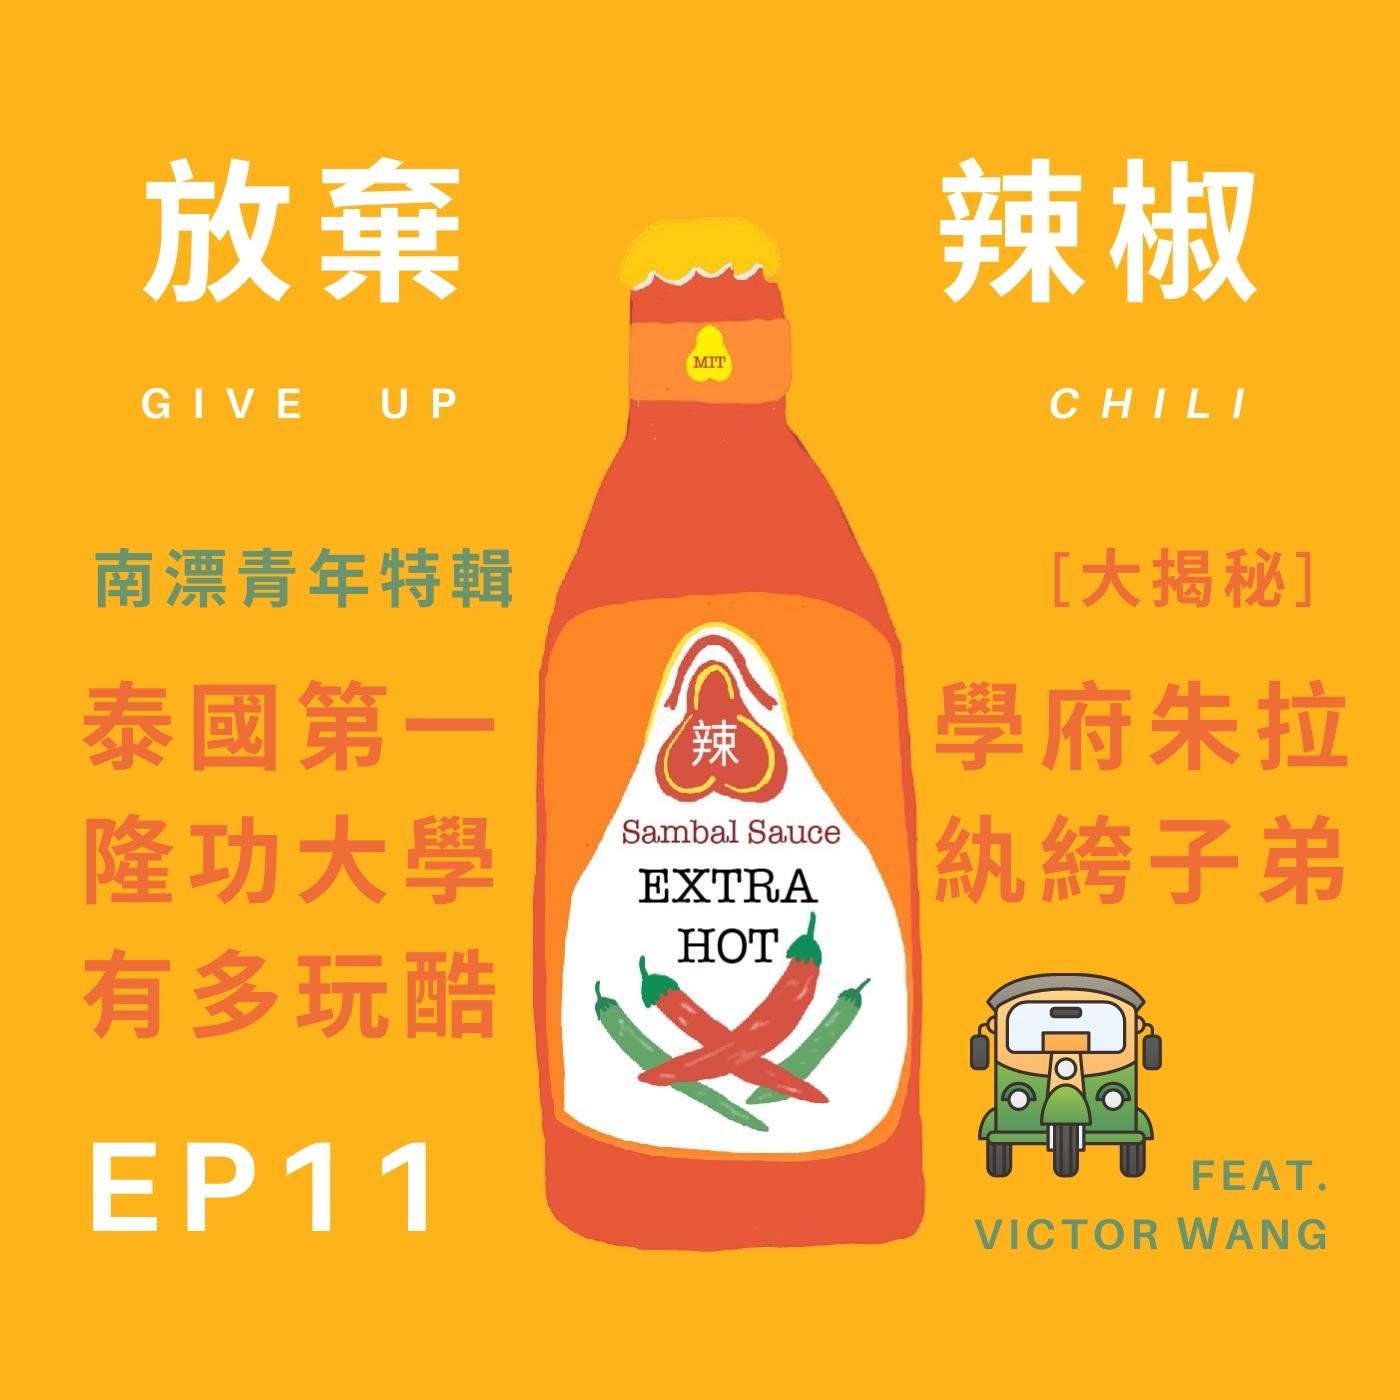 EP11 : [揭秘] 泰國第一學府朱拉隆功大學紈絝子弟有多玩酷 Feat. Victor Wang